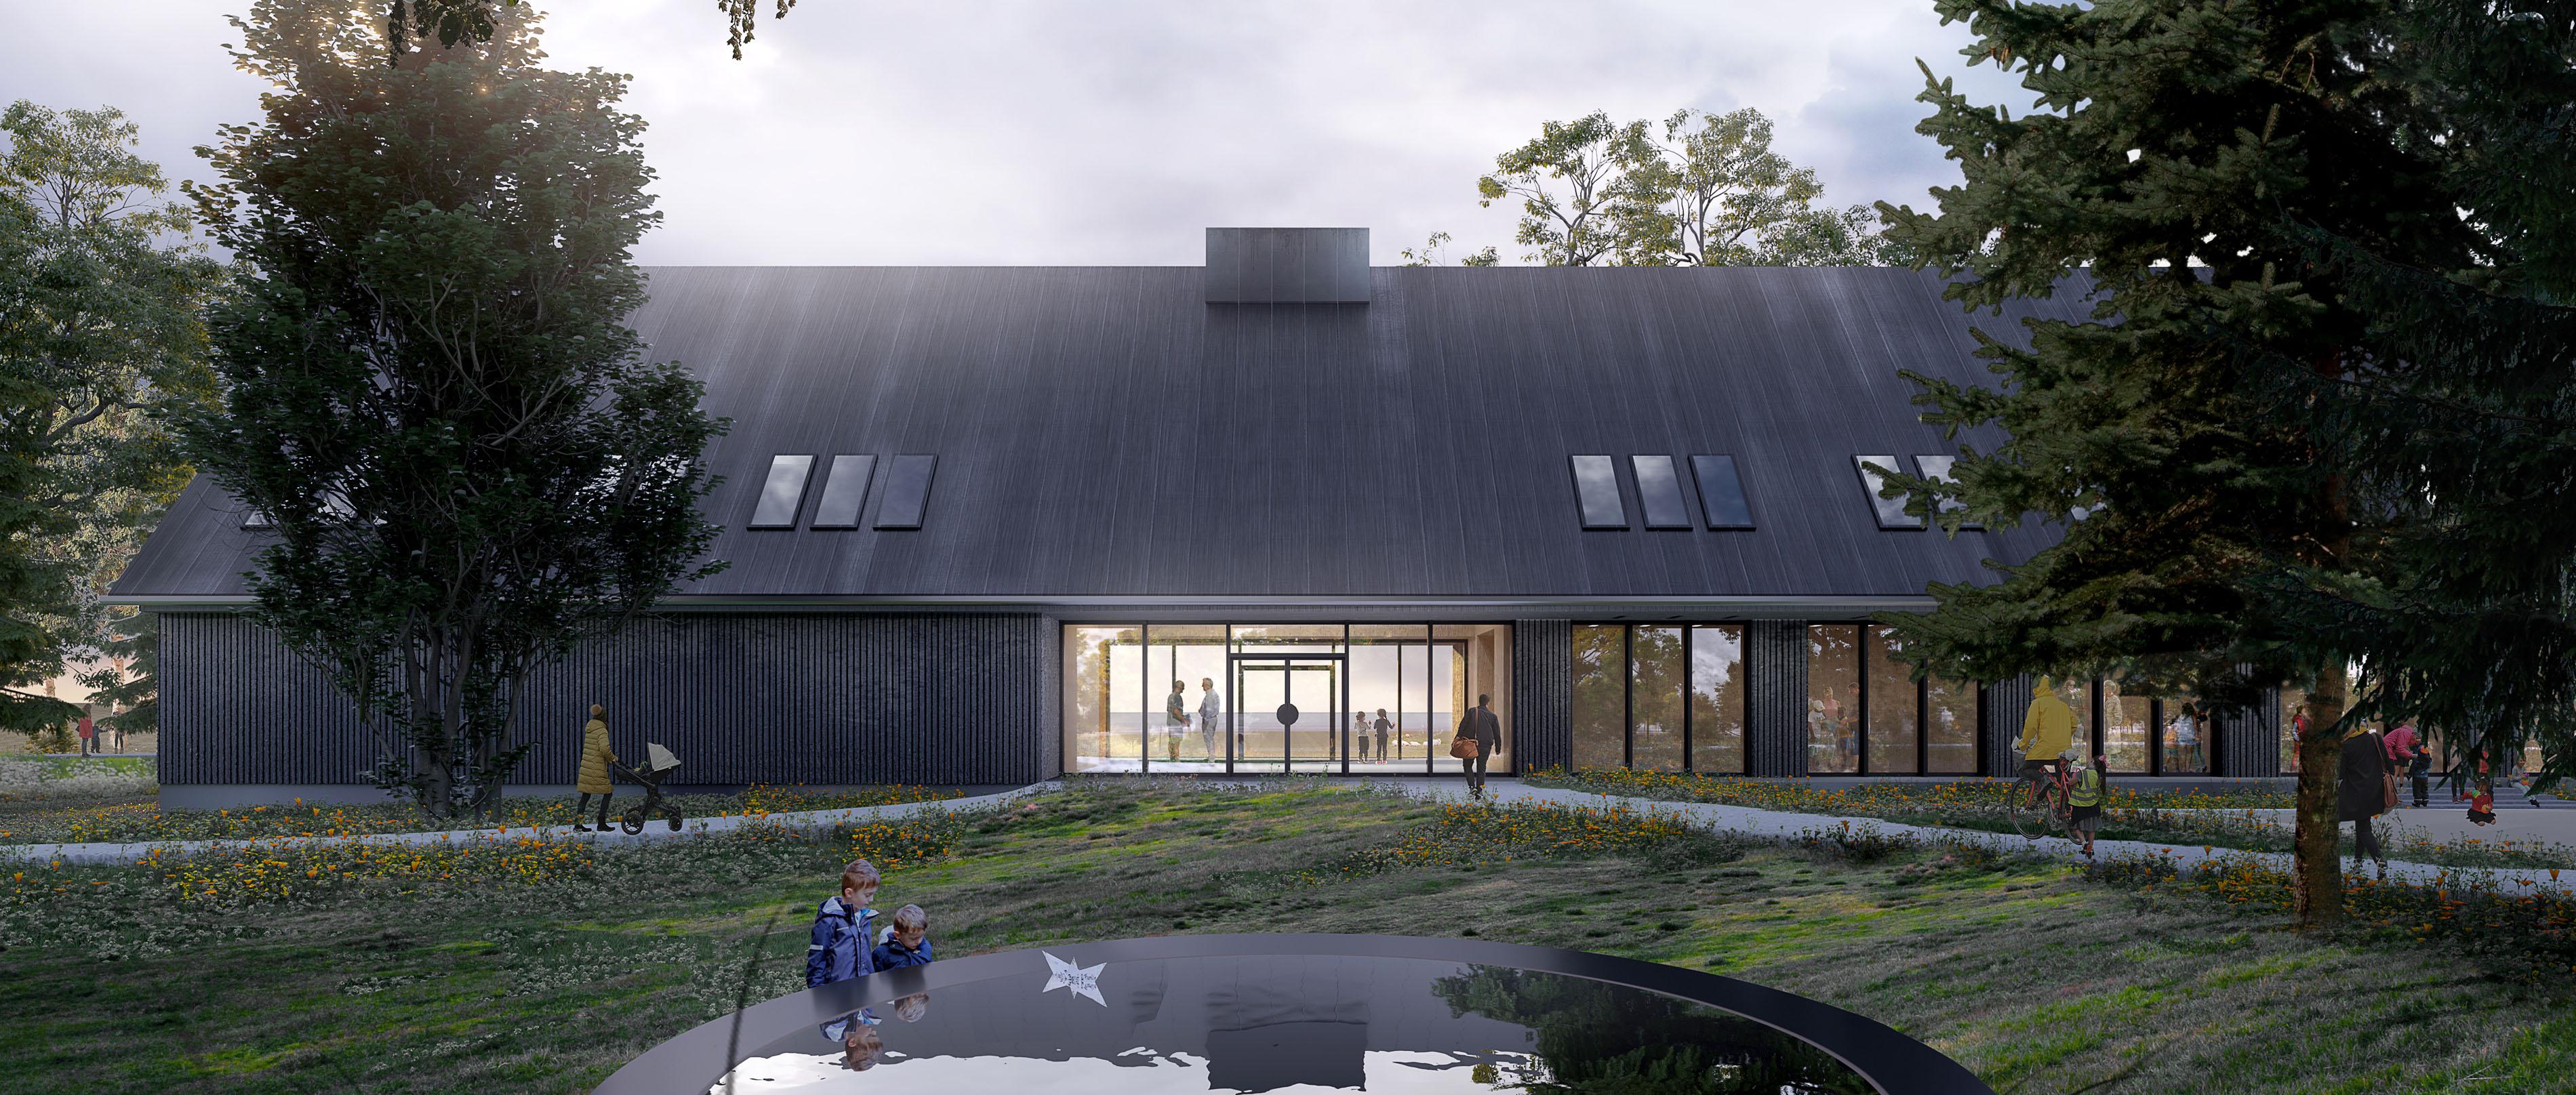 Haus des Gastes Amrum